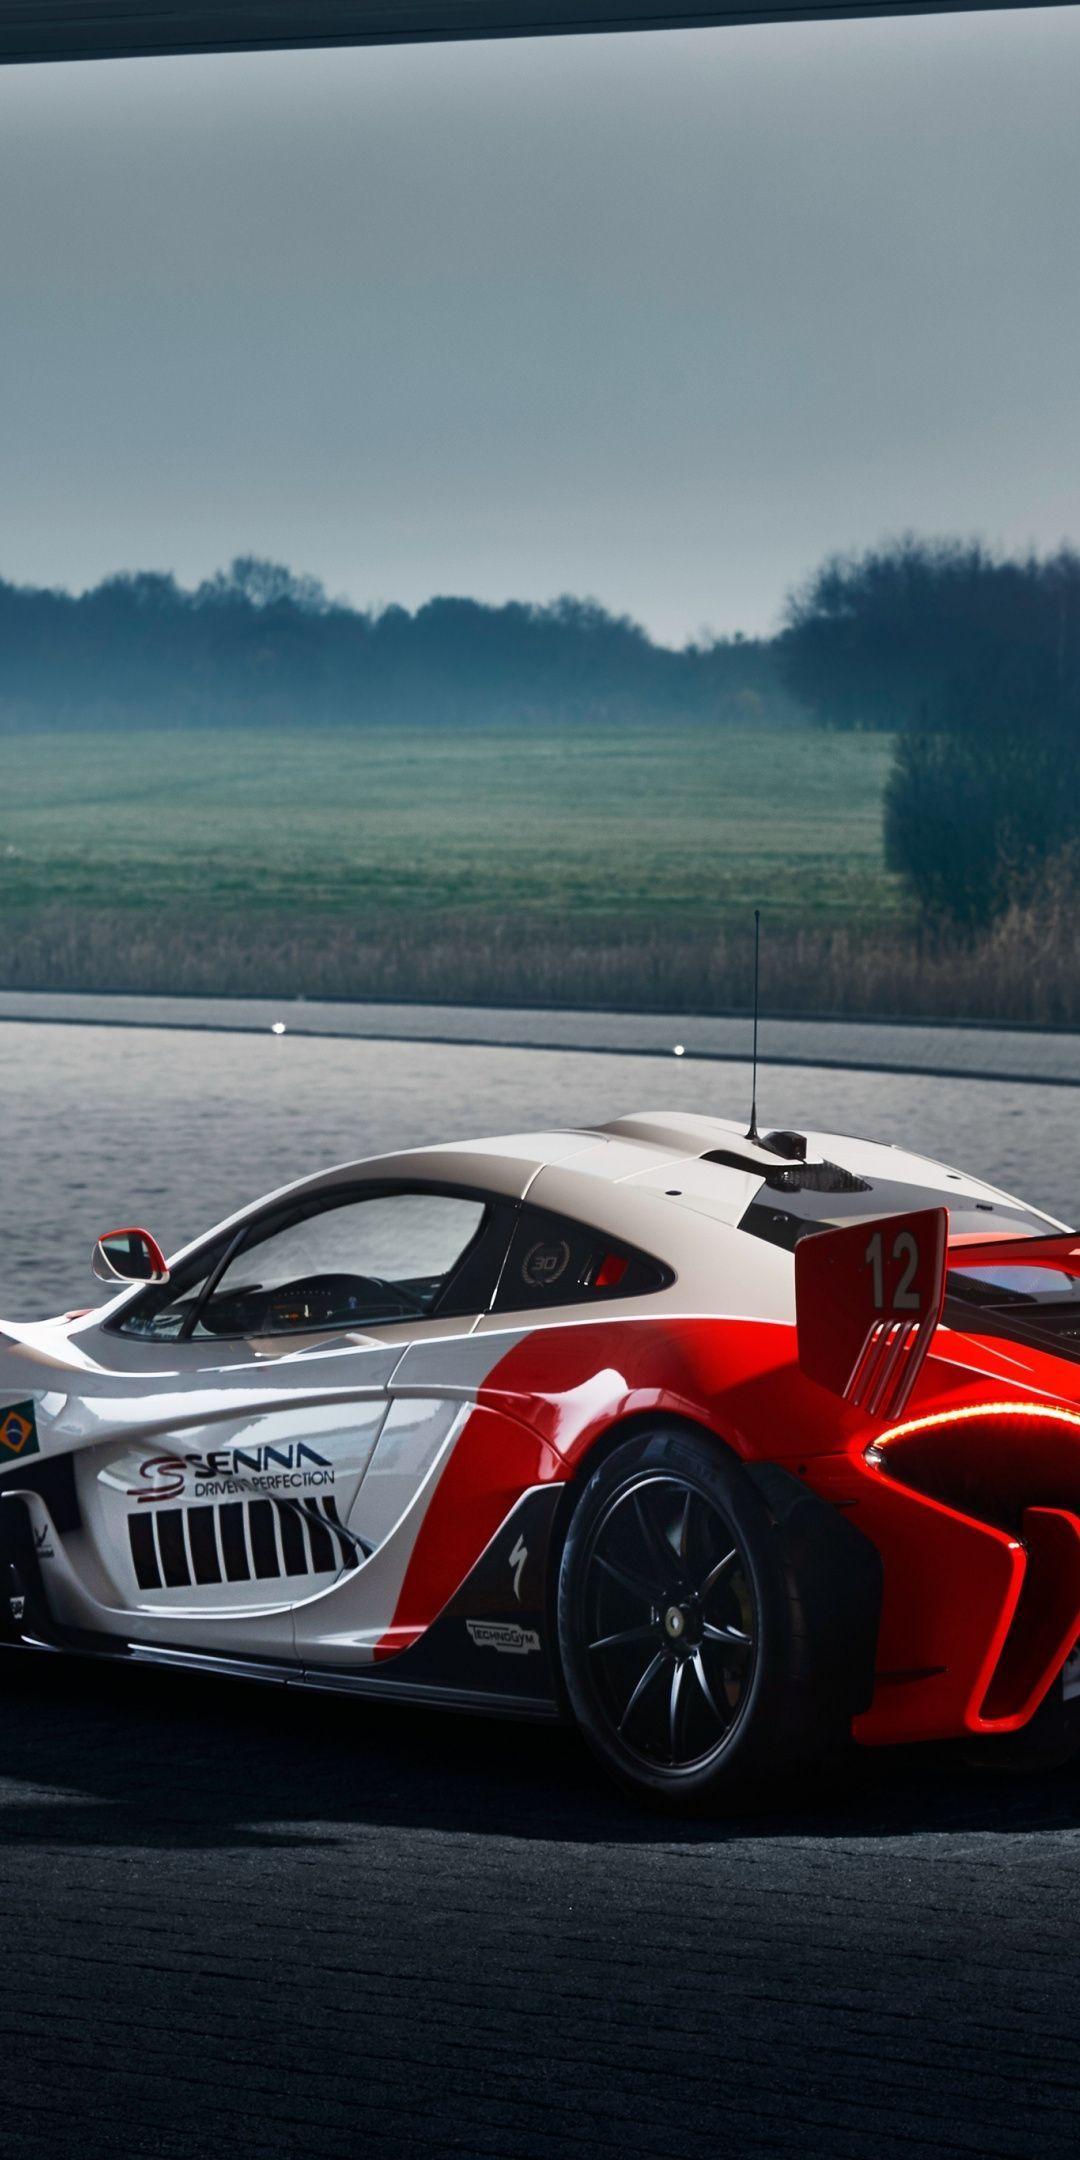 McLaren P1 GTR iPhone Wallpapers - Top Free McLaren P1 GTR ...